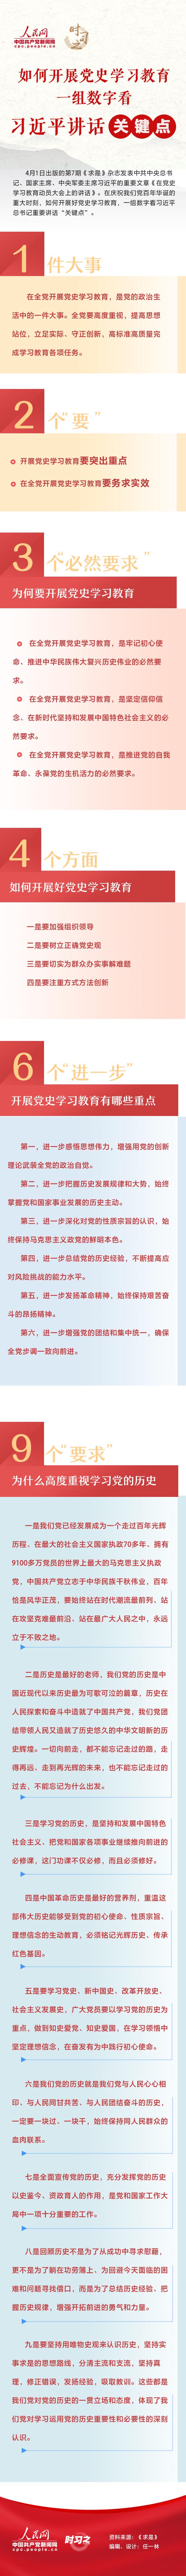 """【广东海洋大学】如何开展党史学习教育 一组数字看习近平讲话""""关键点"""""""